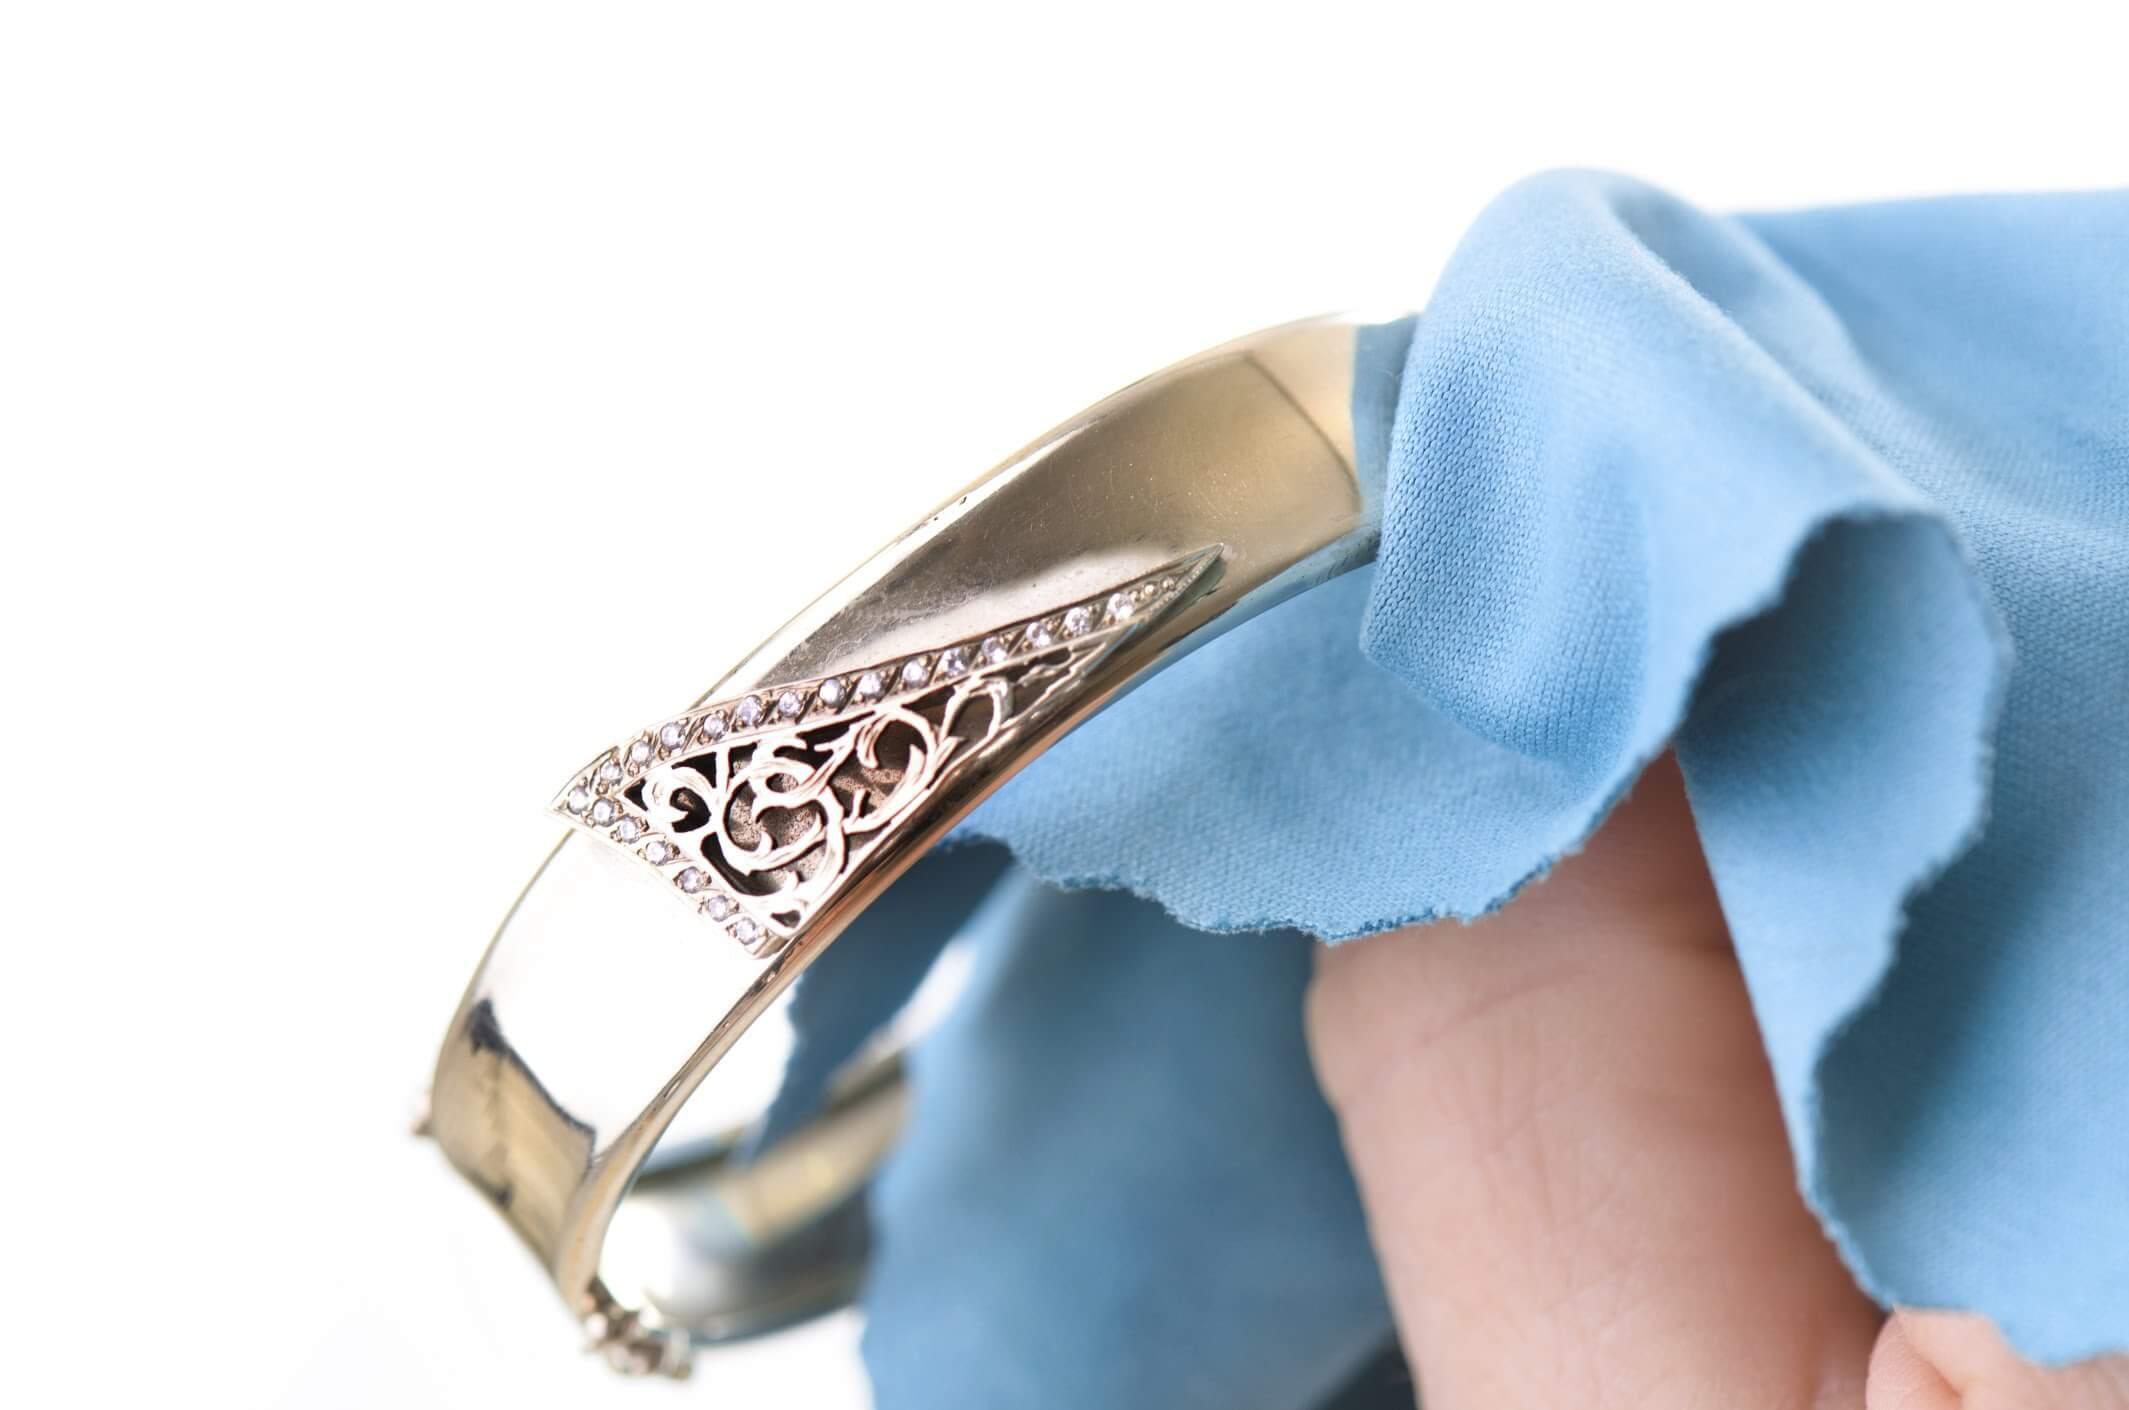 def5600988bb Como limpiar las joyas de oro y plata - Corazón de Joyas